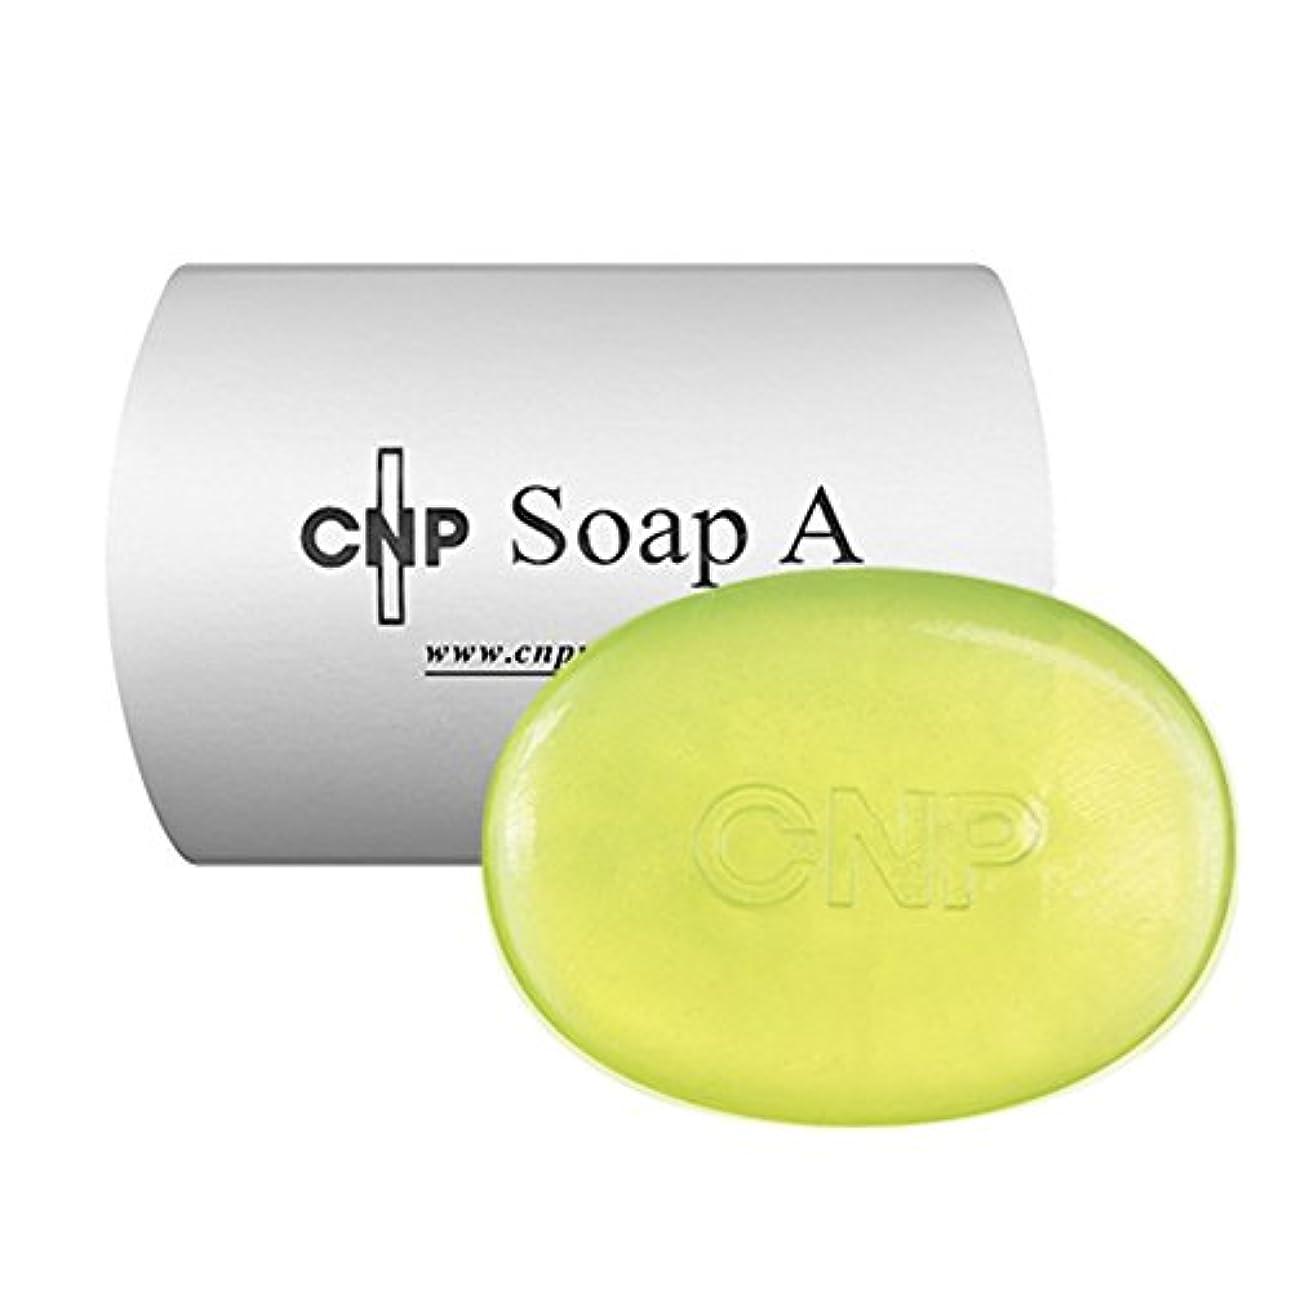 未使用肥満未使用CNP Soap A チャアンドパク ソープ A [並行輸入品]